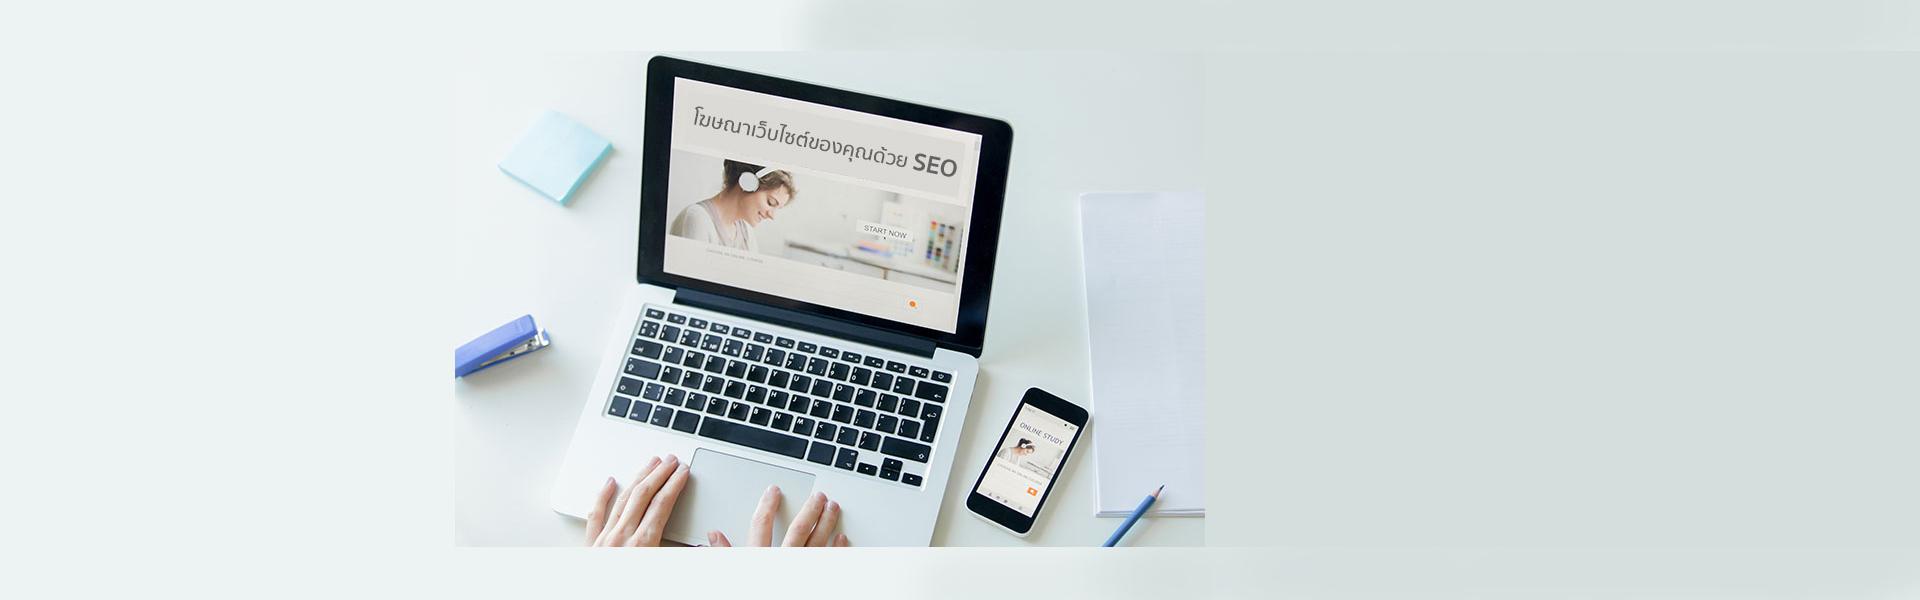 ทำเว็บไซต์ของคุณให้อยู่ในอันดับแรกๆ ของการค้นหาด้วย SEO